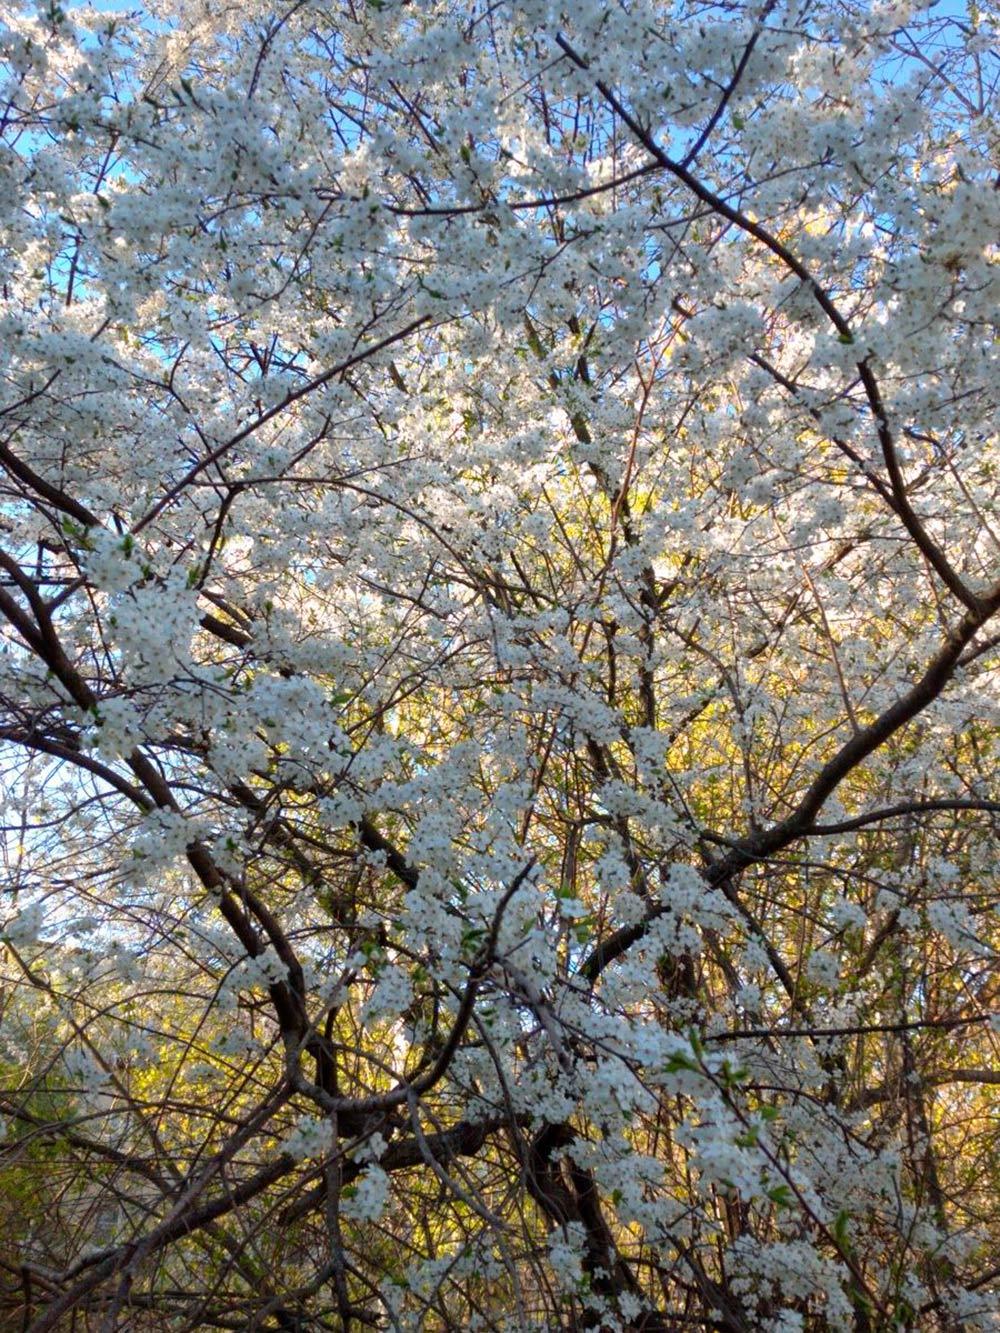 Мне очень нравятся эти деревья и их аромат. Правда, я постоянно путаю, как они называются